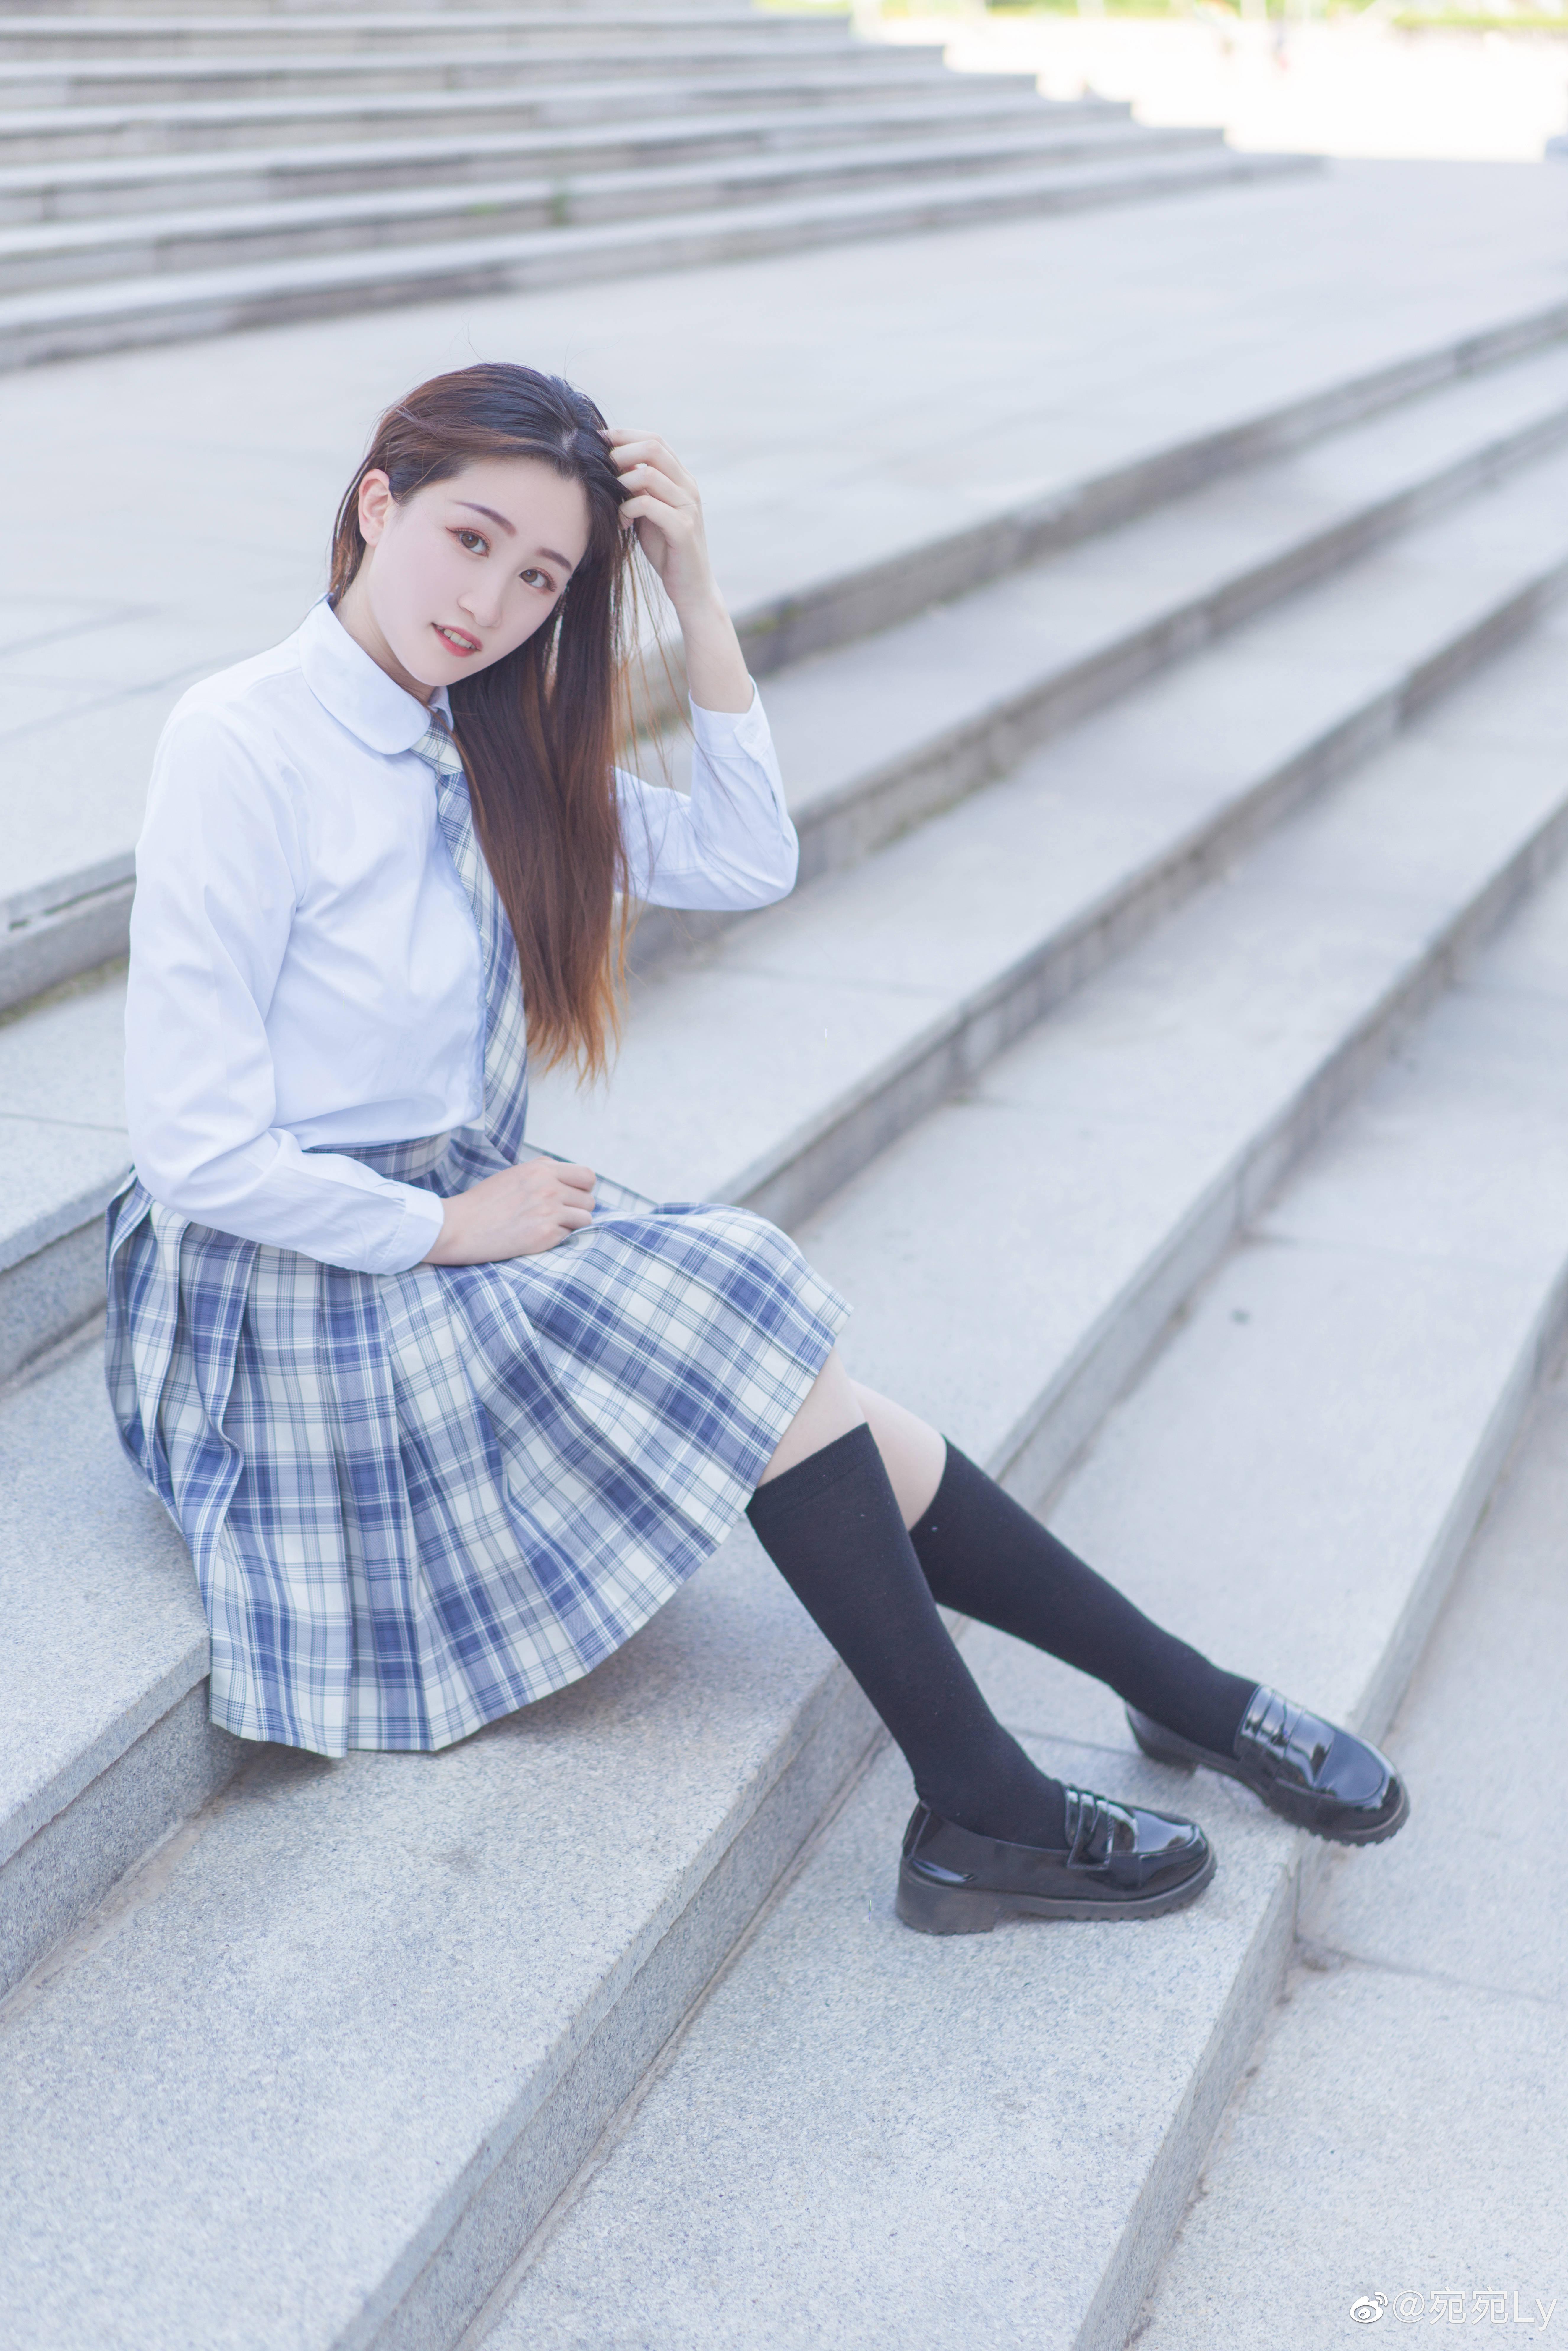 [JK写真]好想看你穿jk的样子 @宛宛Ly 时尚-第7张